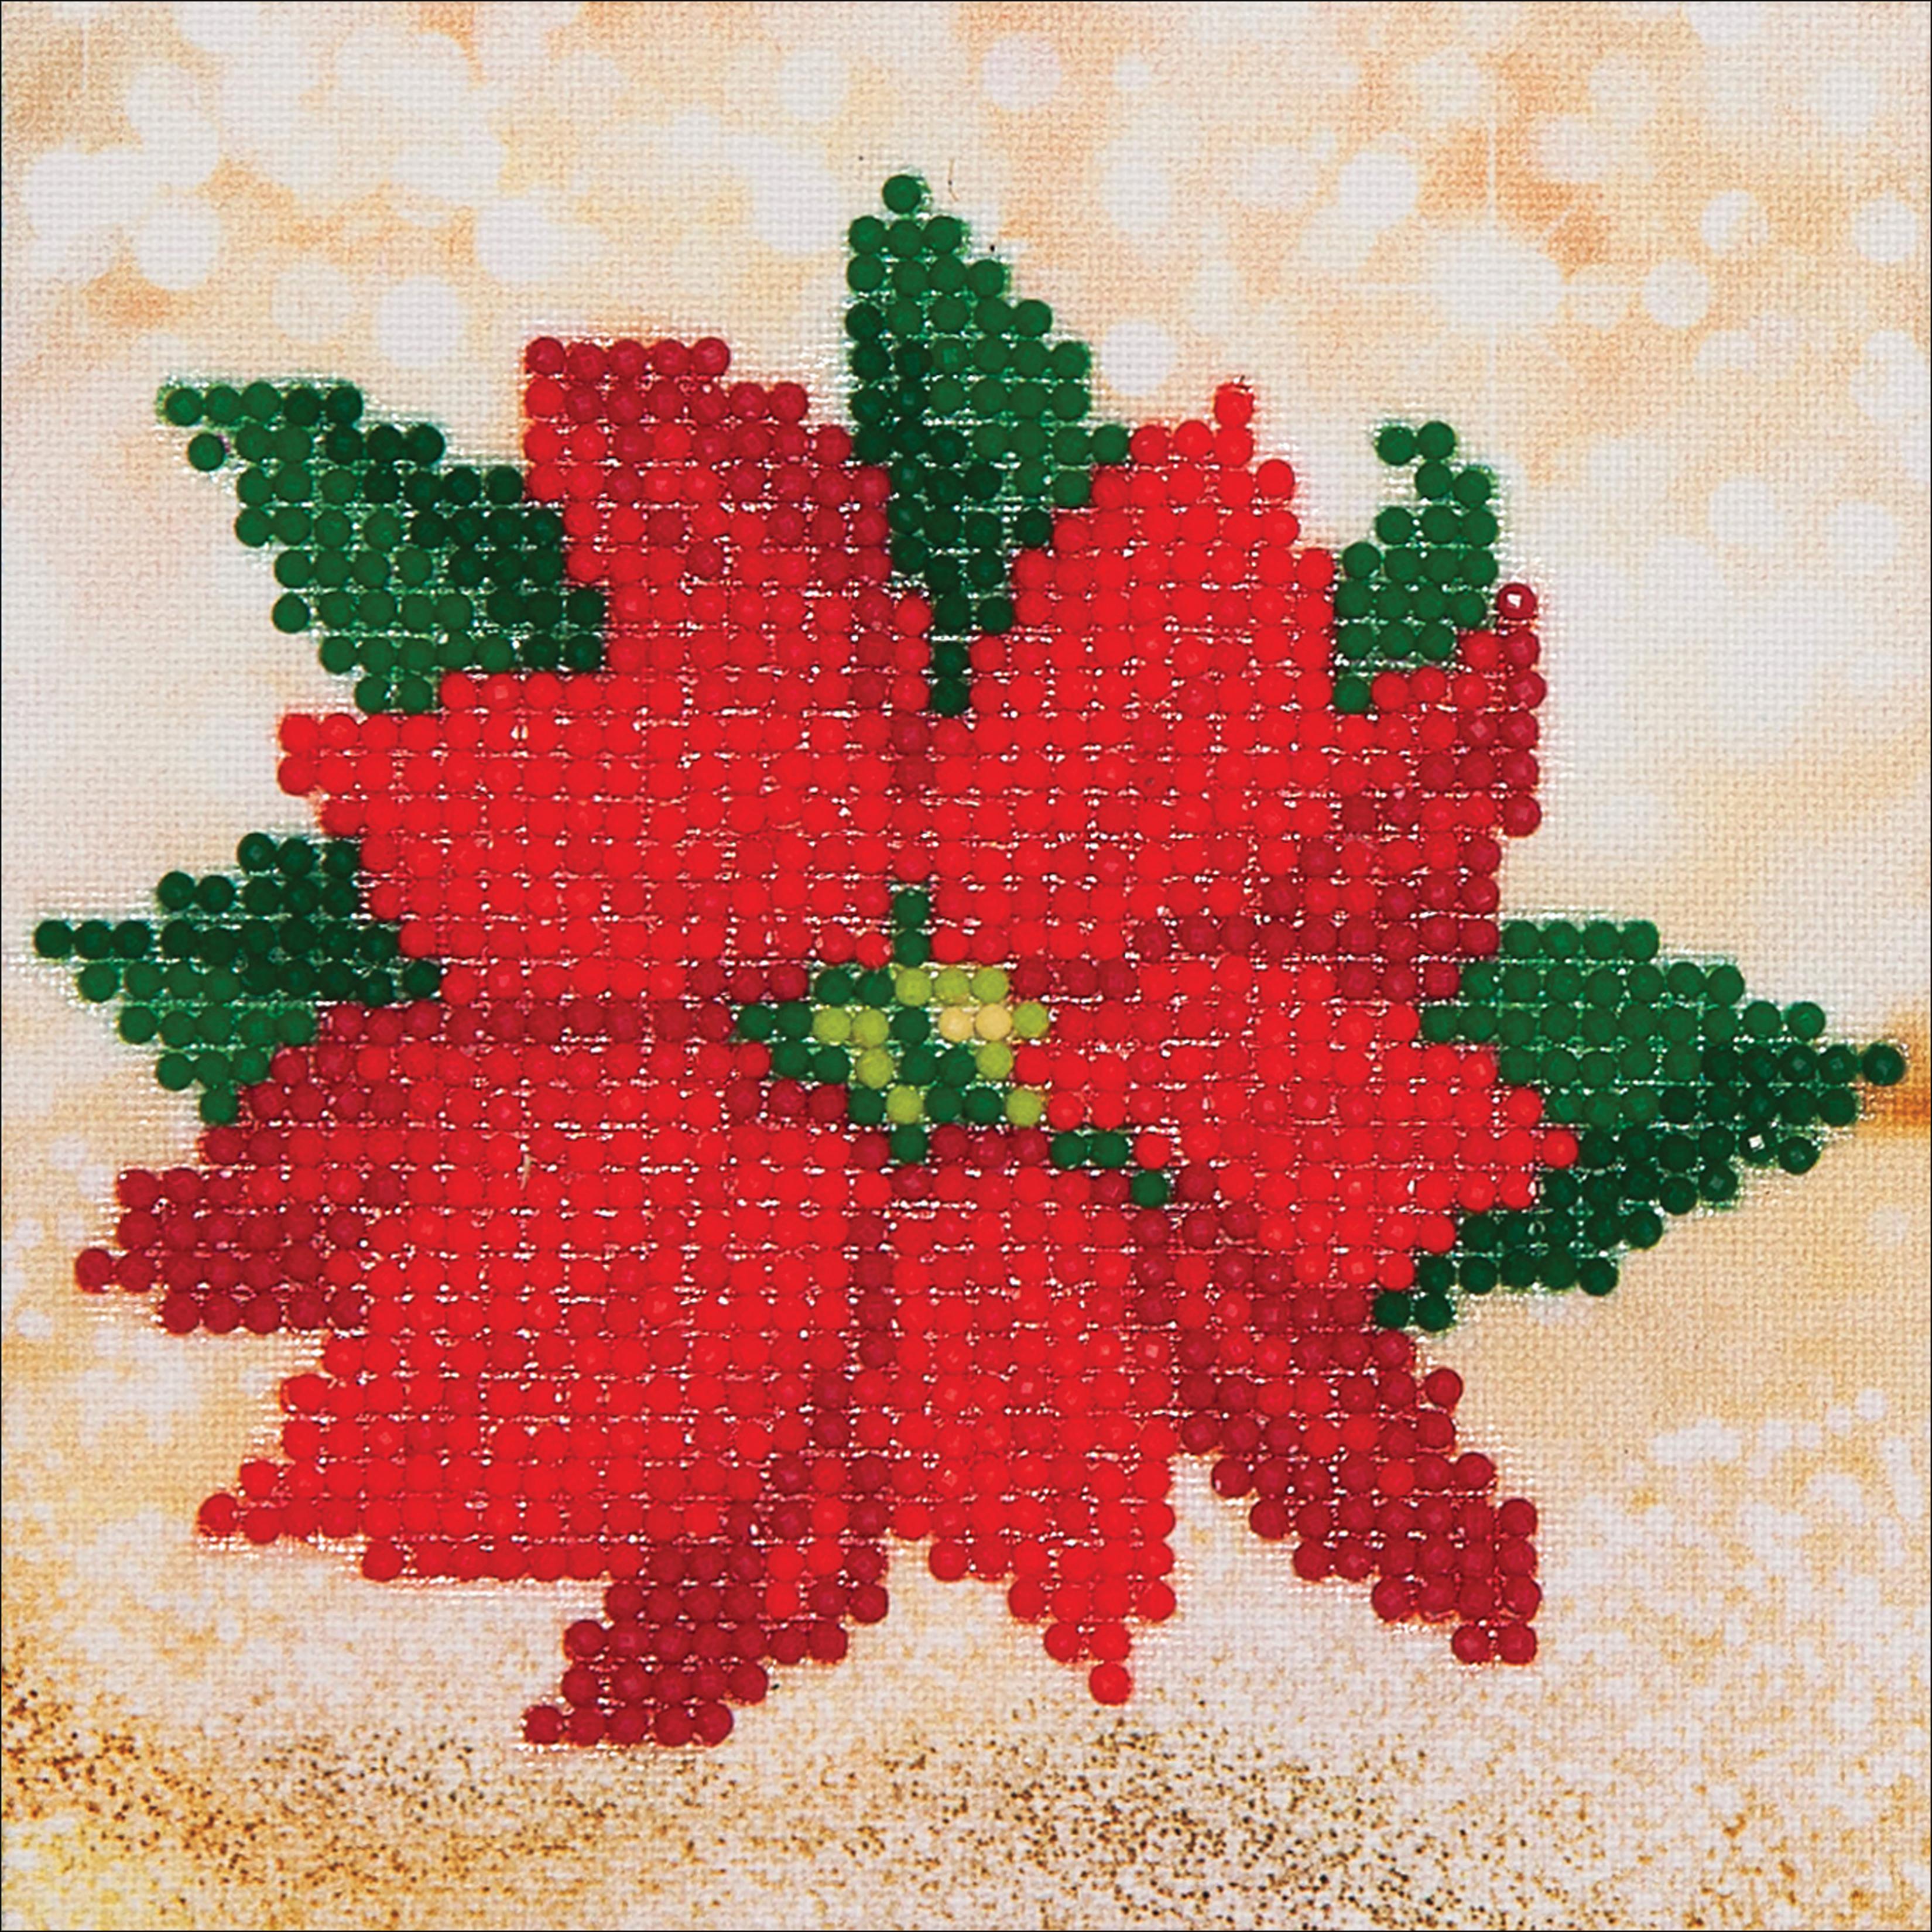 Diamond Dotz Diamond Embroidery Facet Art Kit 8X8-Poinsettia